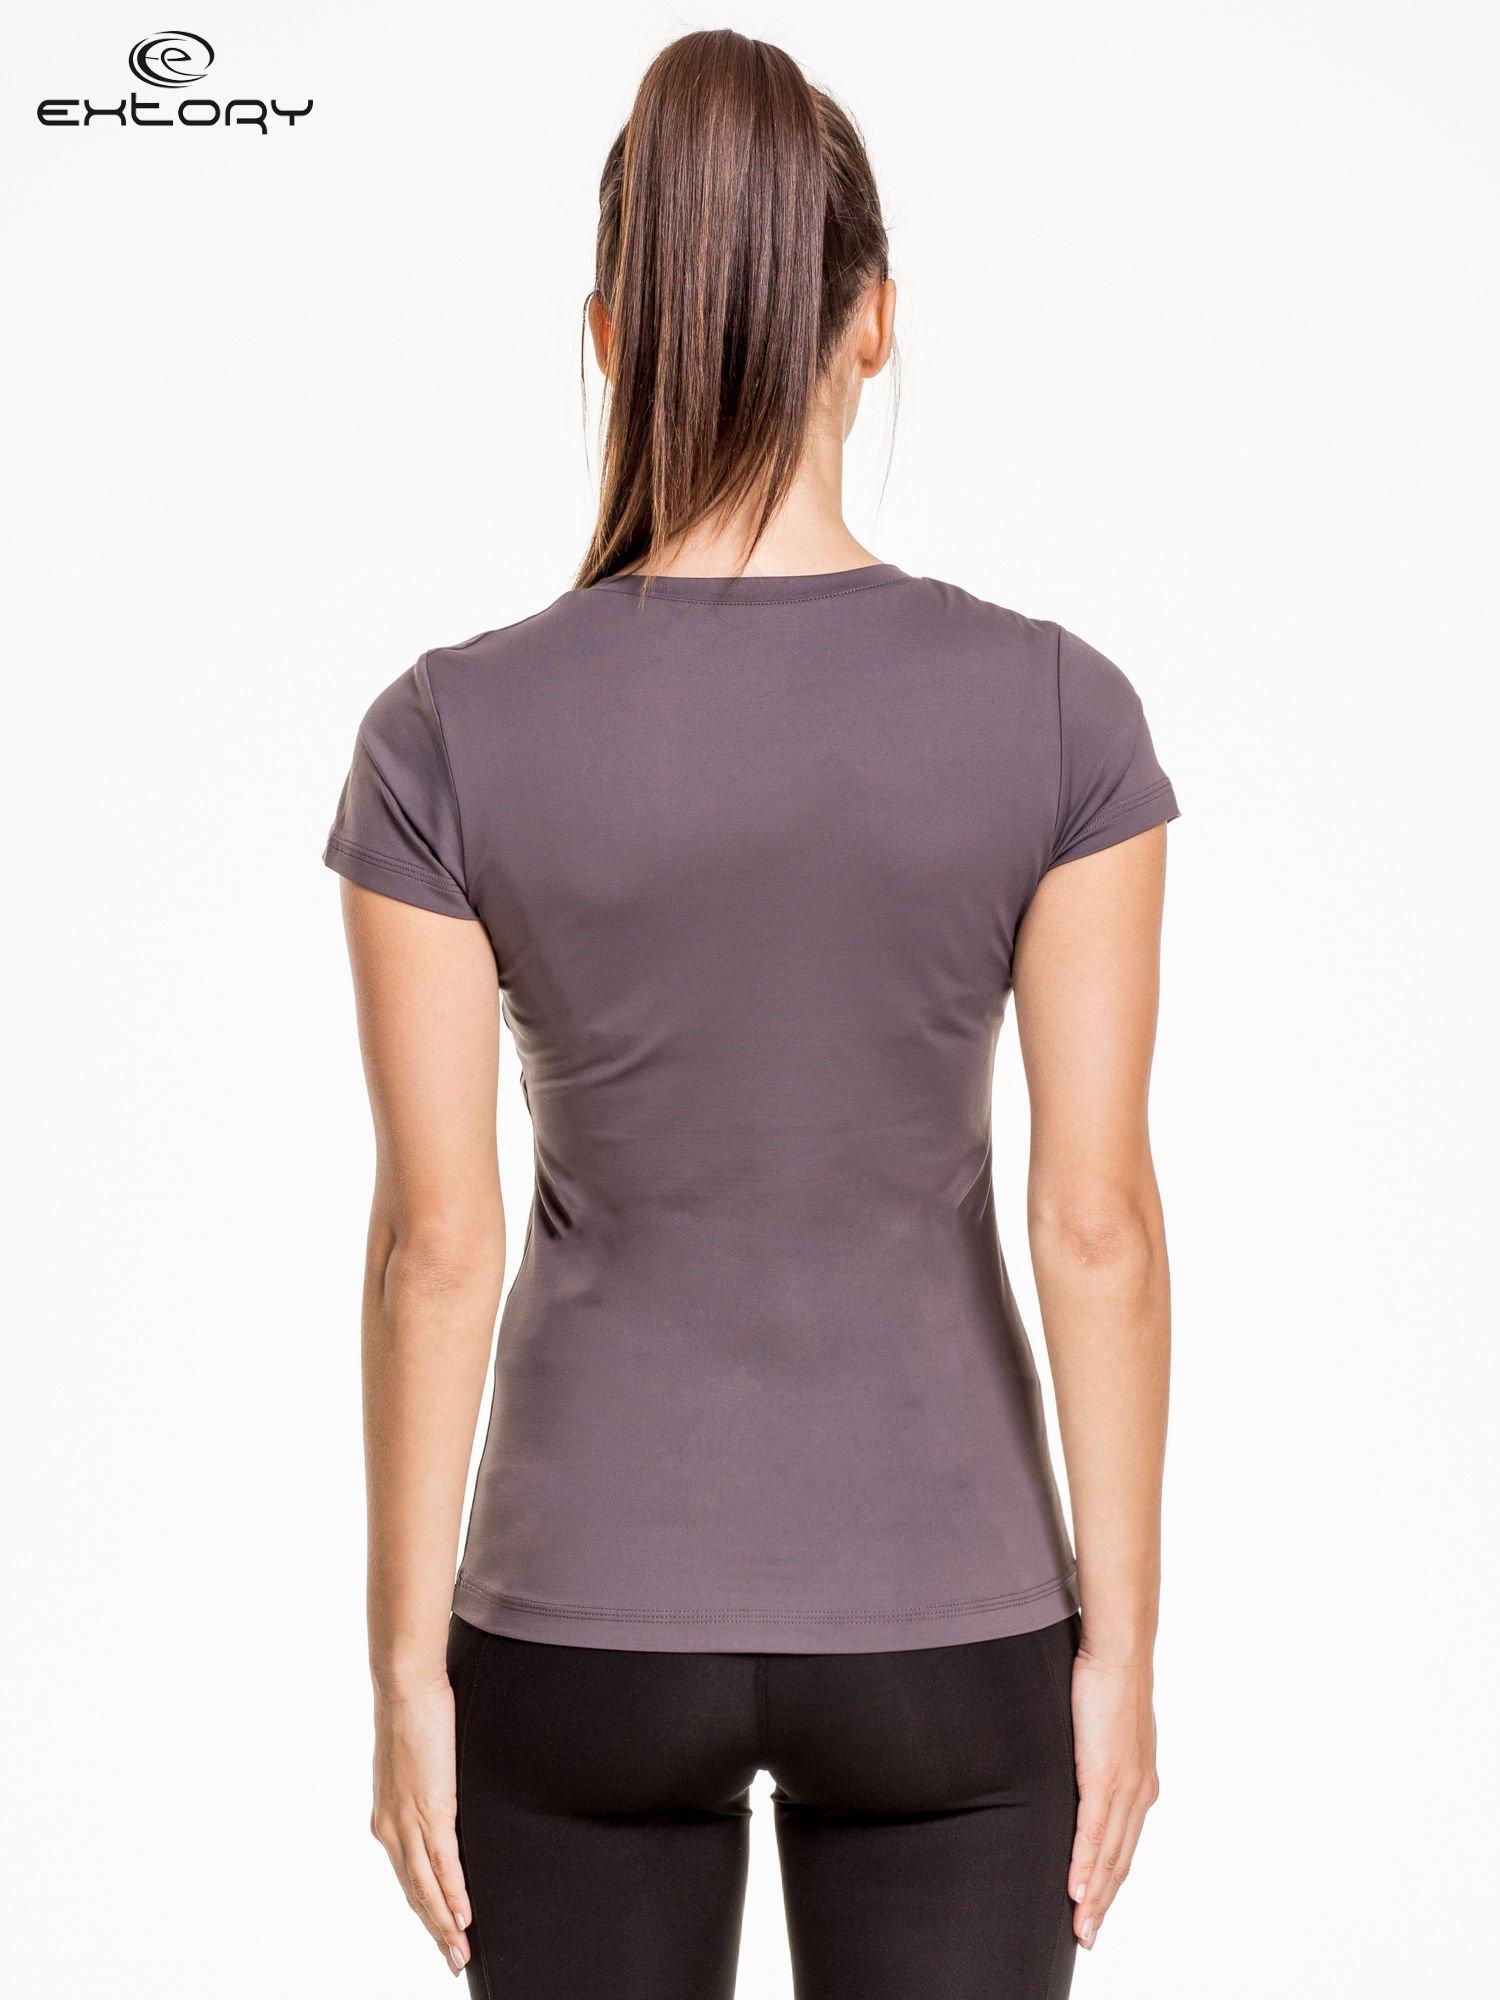 Szary modelujący damski t-shirt sportowy                                   zdj.                                  4